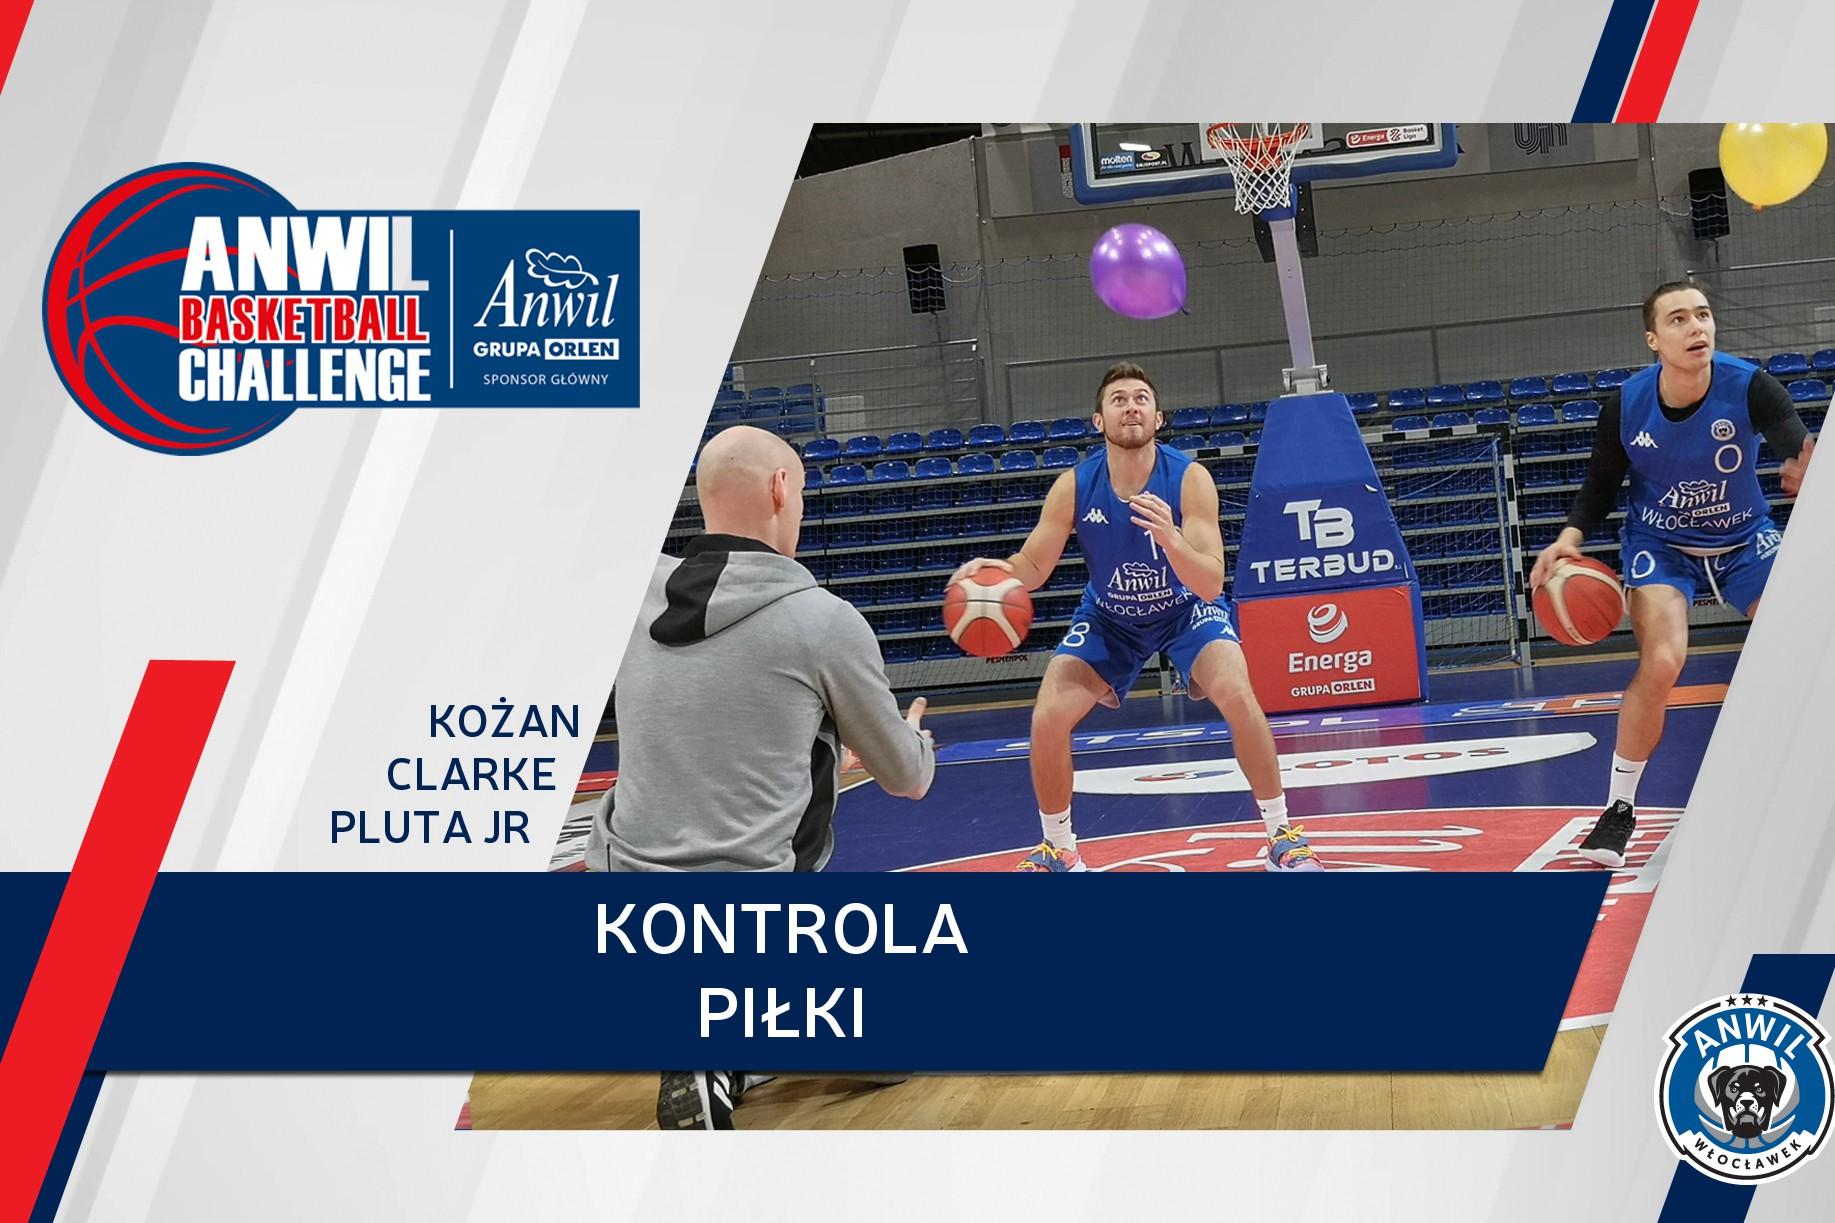 Wideo | Anwil Basketball Challenge #2 - pełna wersja dostępna dla wszystkich